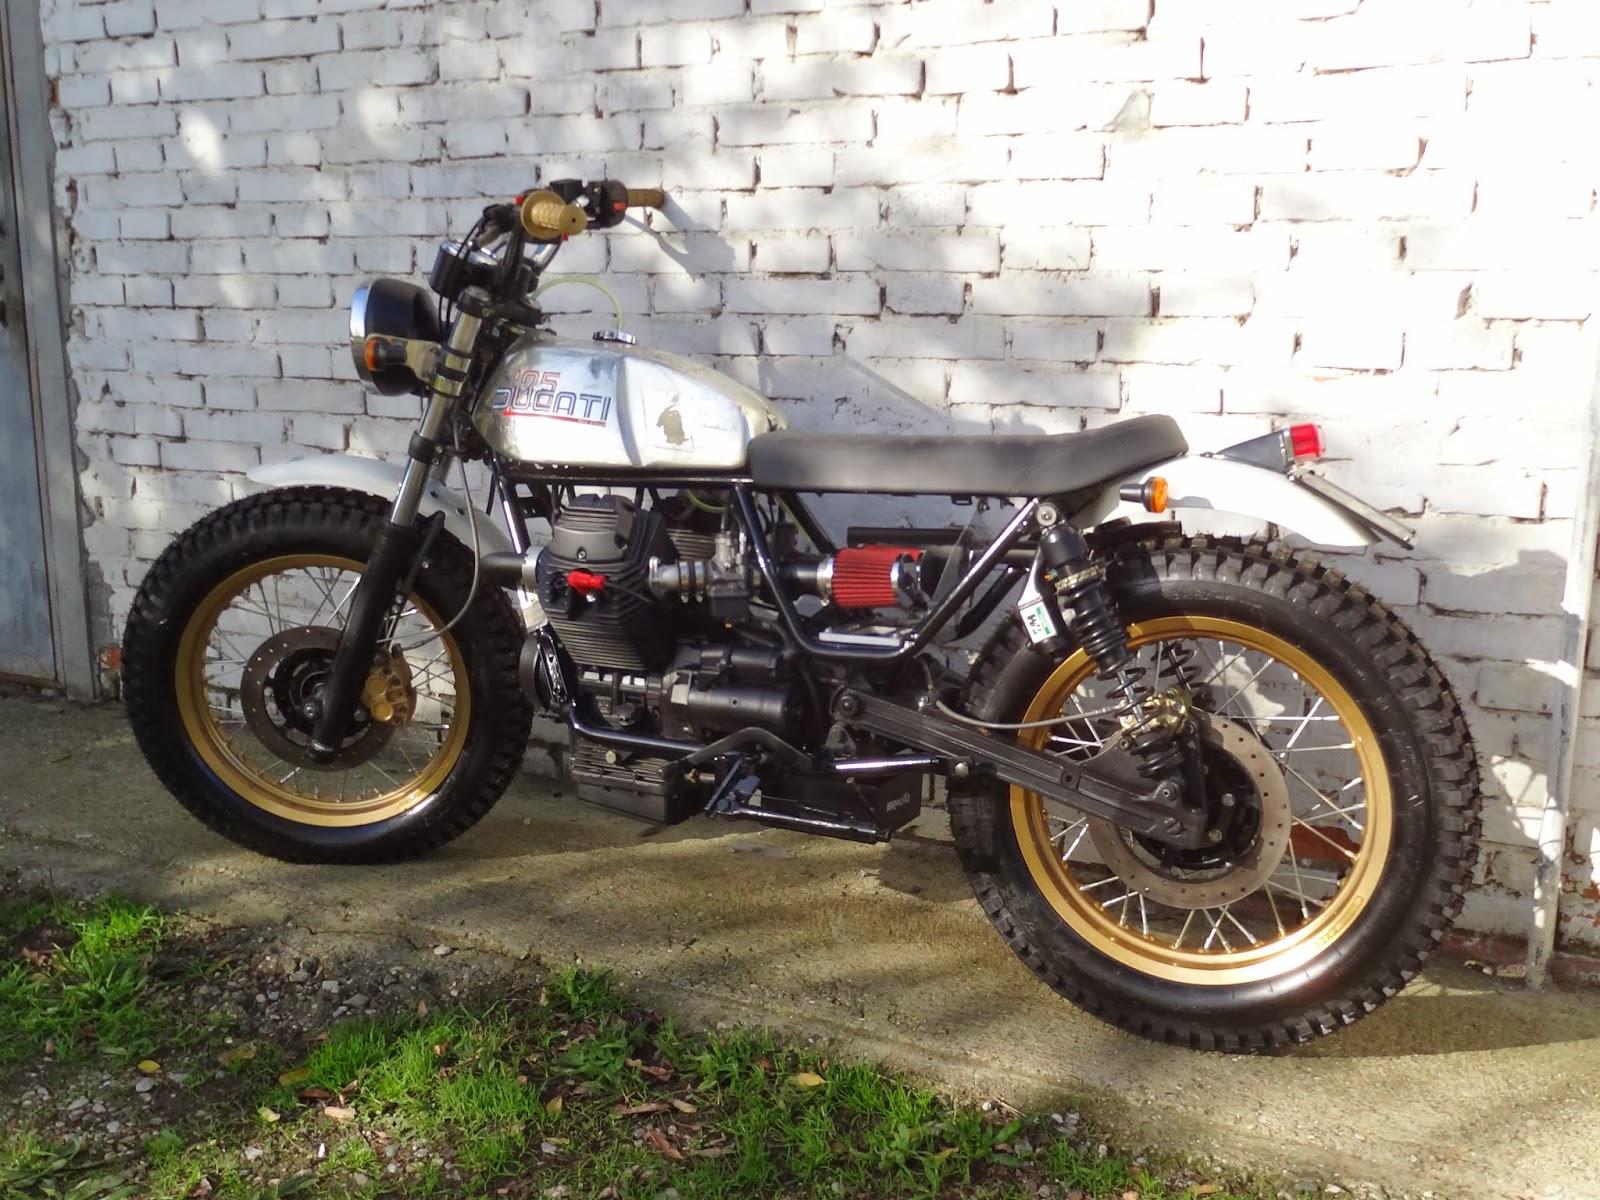 Moto Guzzi California >> B.R.MoTo Art: MOTO GUZZI NTX 750